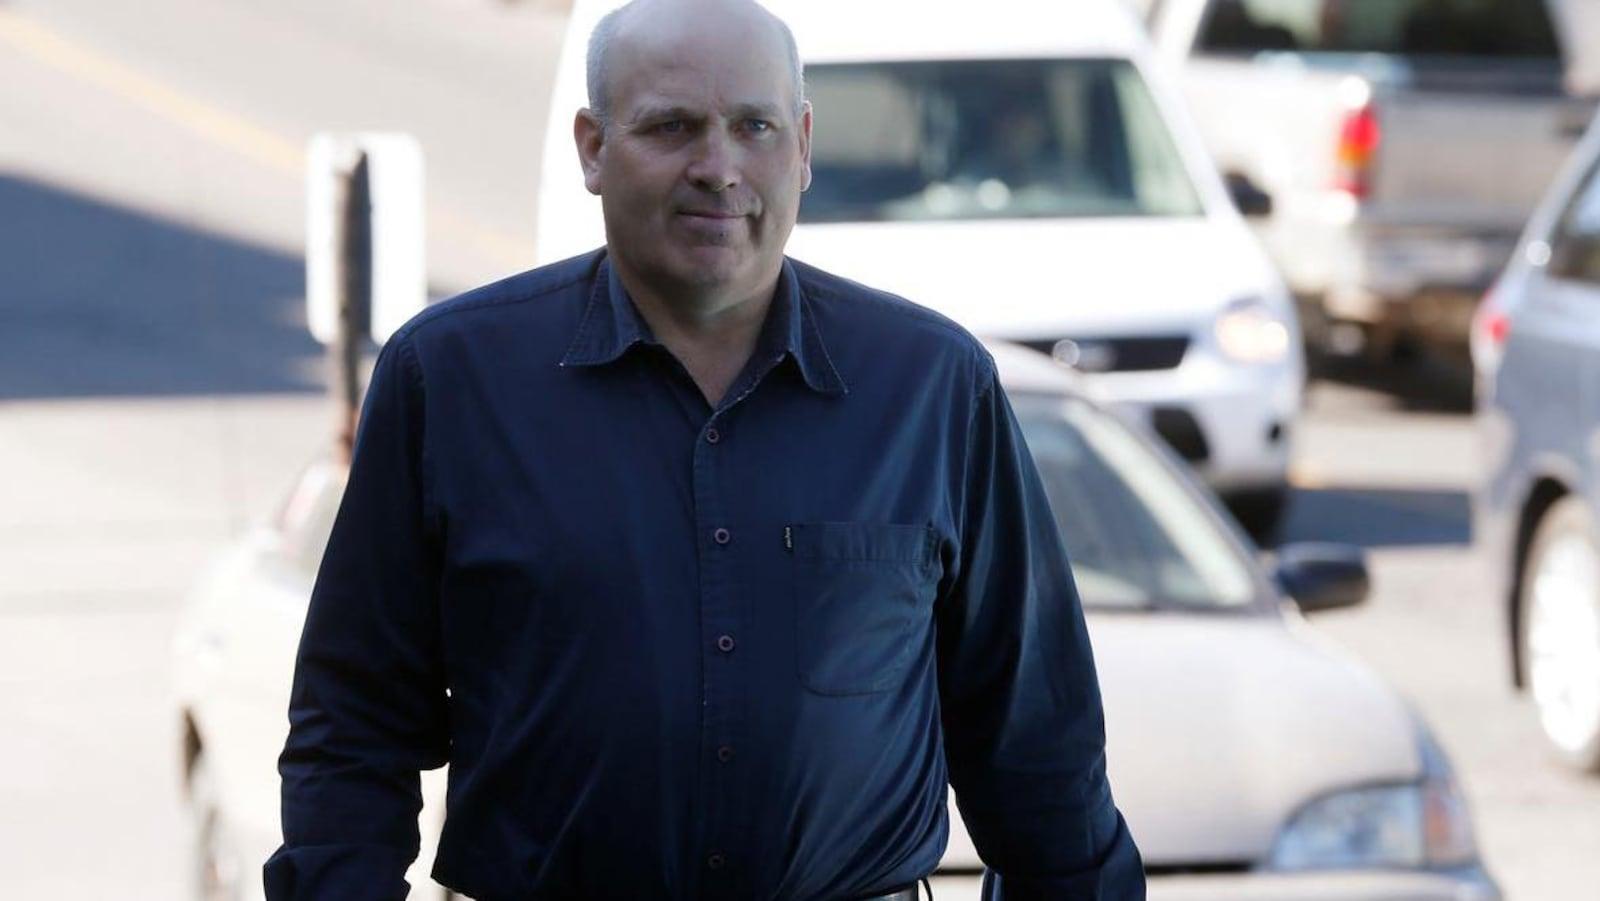 Un homme en chemise marche, avec des voitures en arrière-plan.